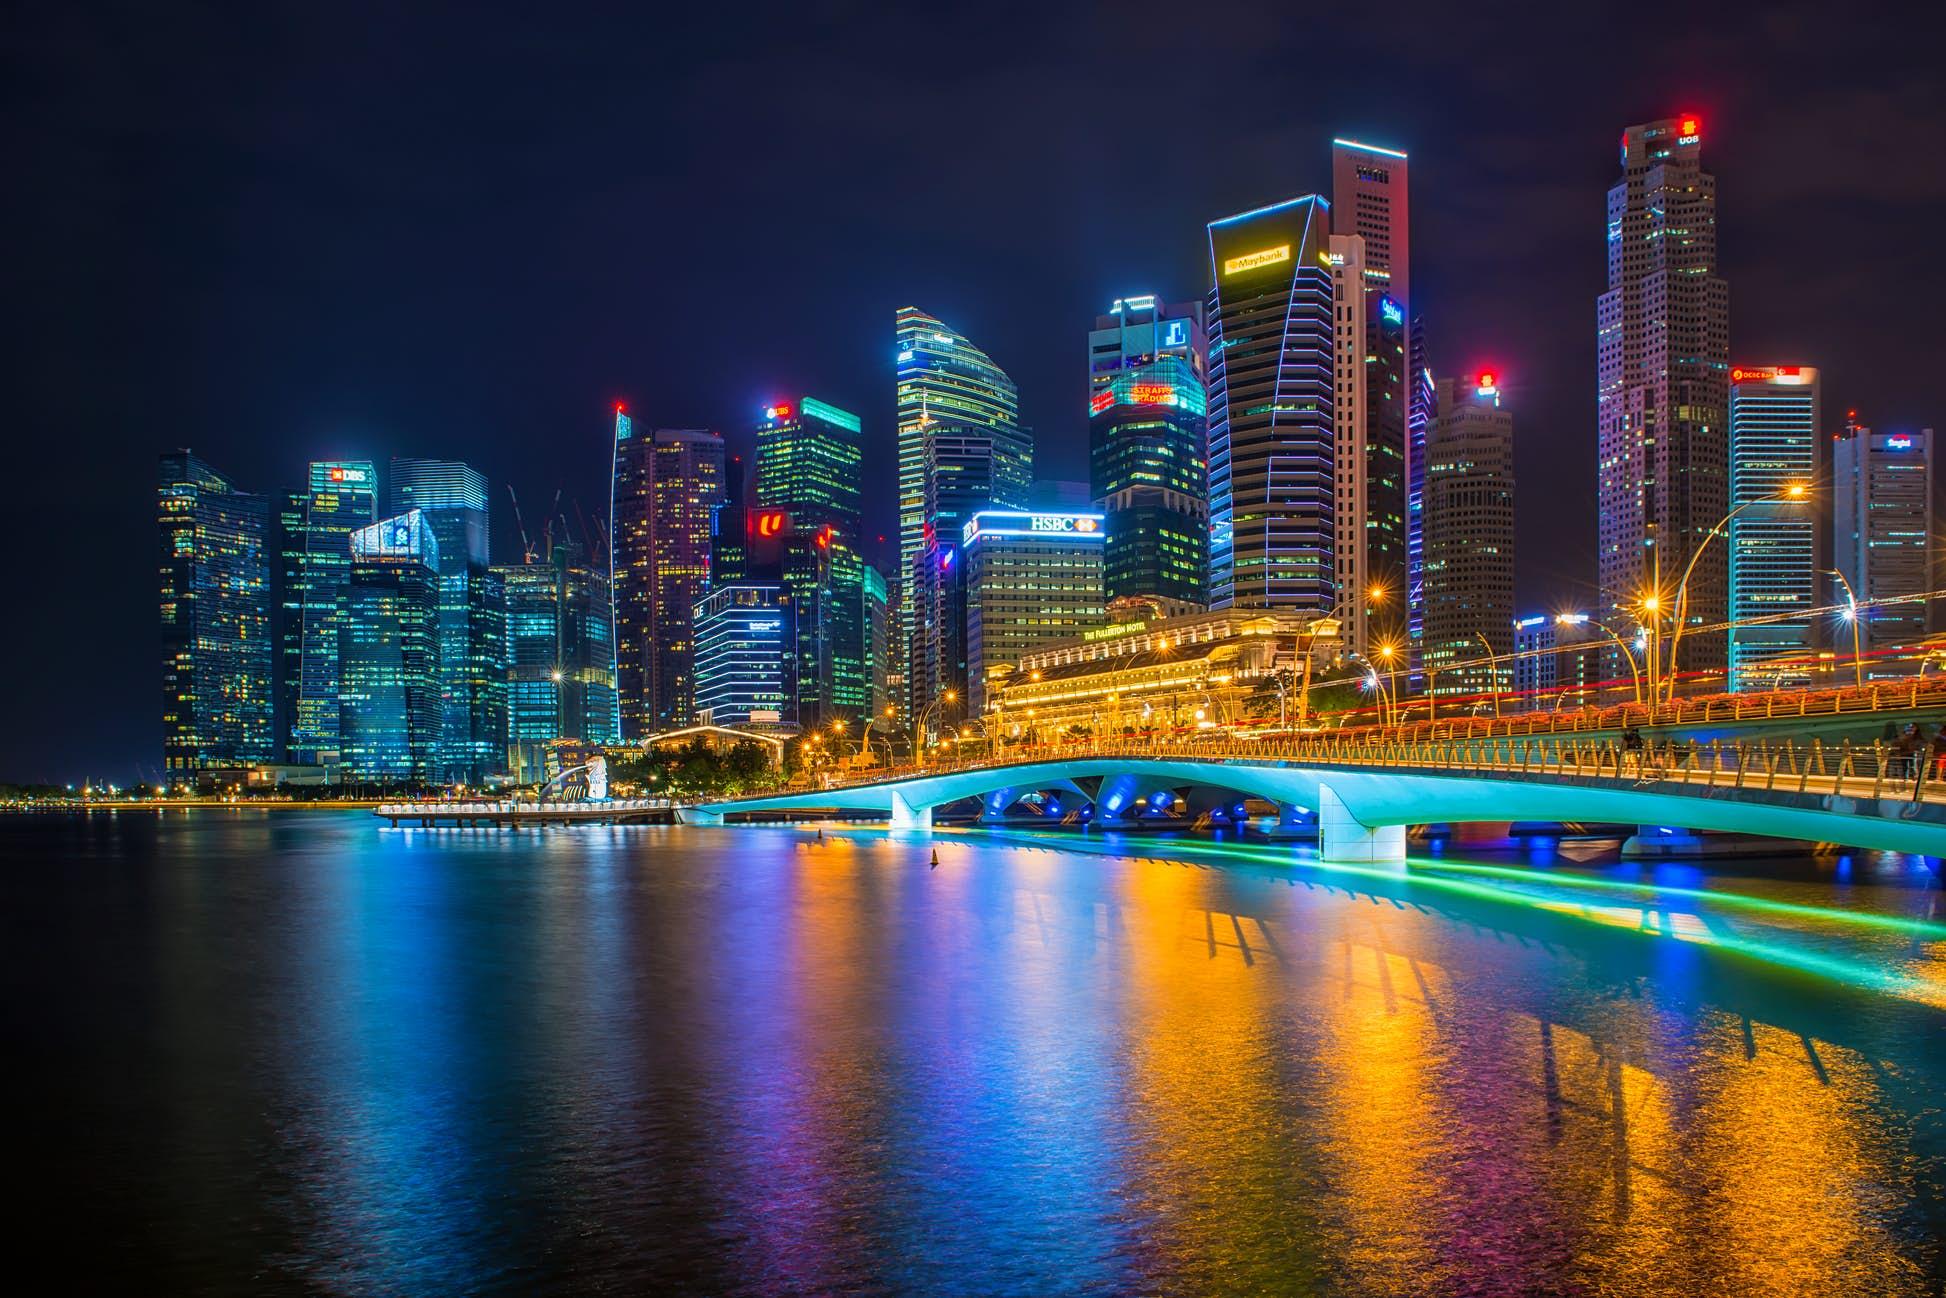 新加坡啟用電子追蹤器監控入境旅客或返國民眾